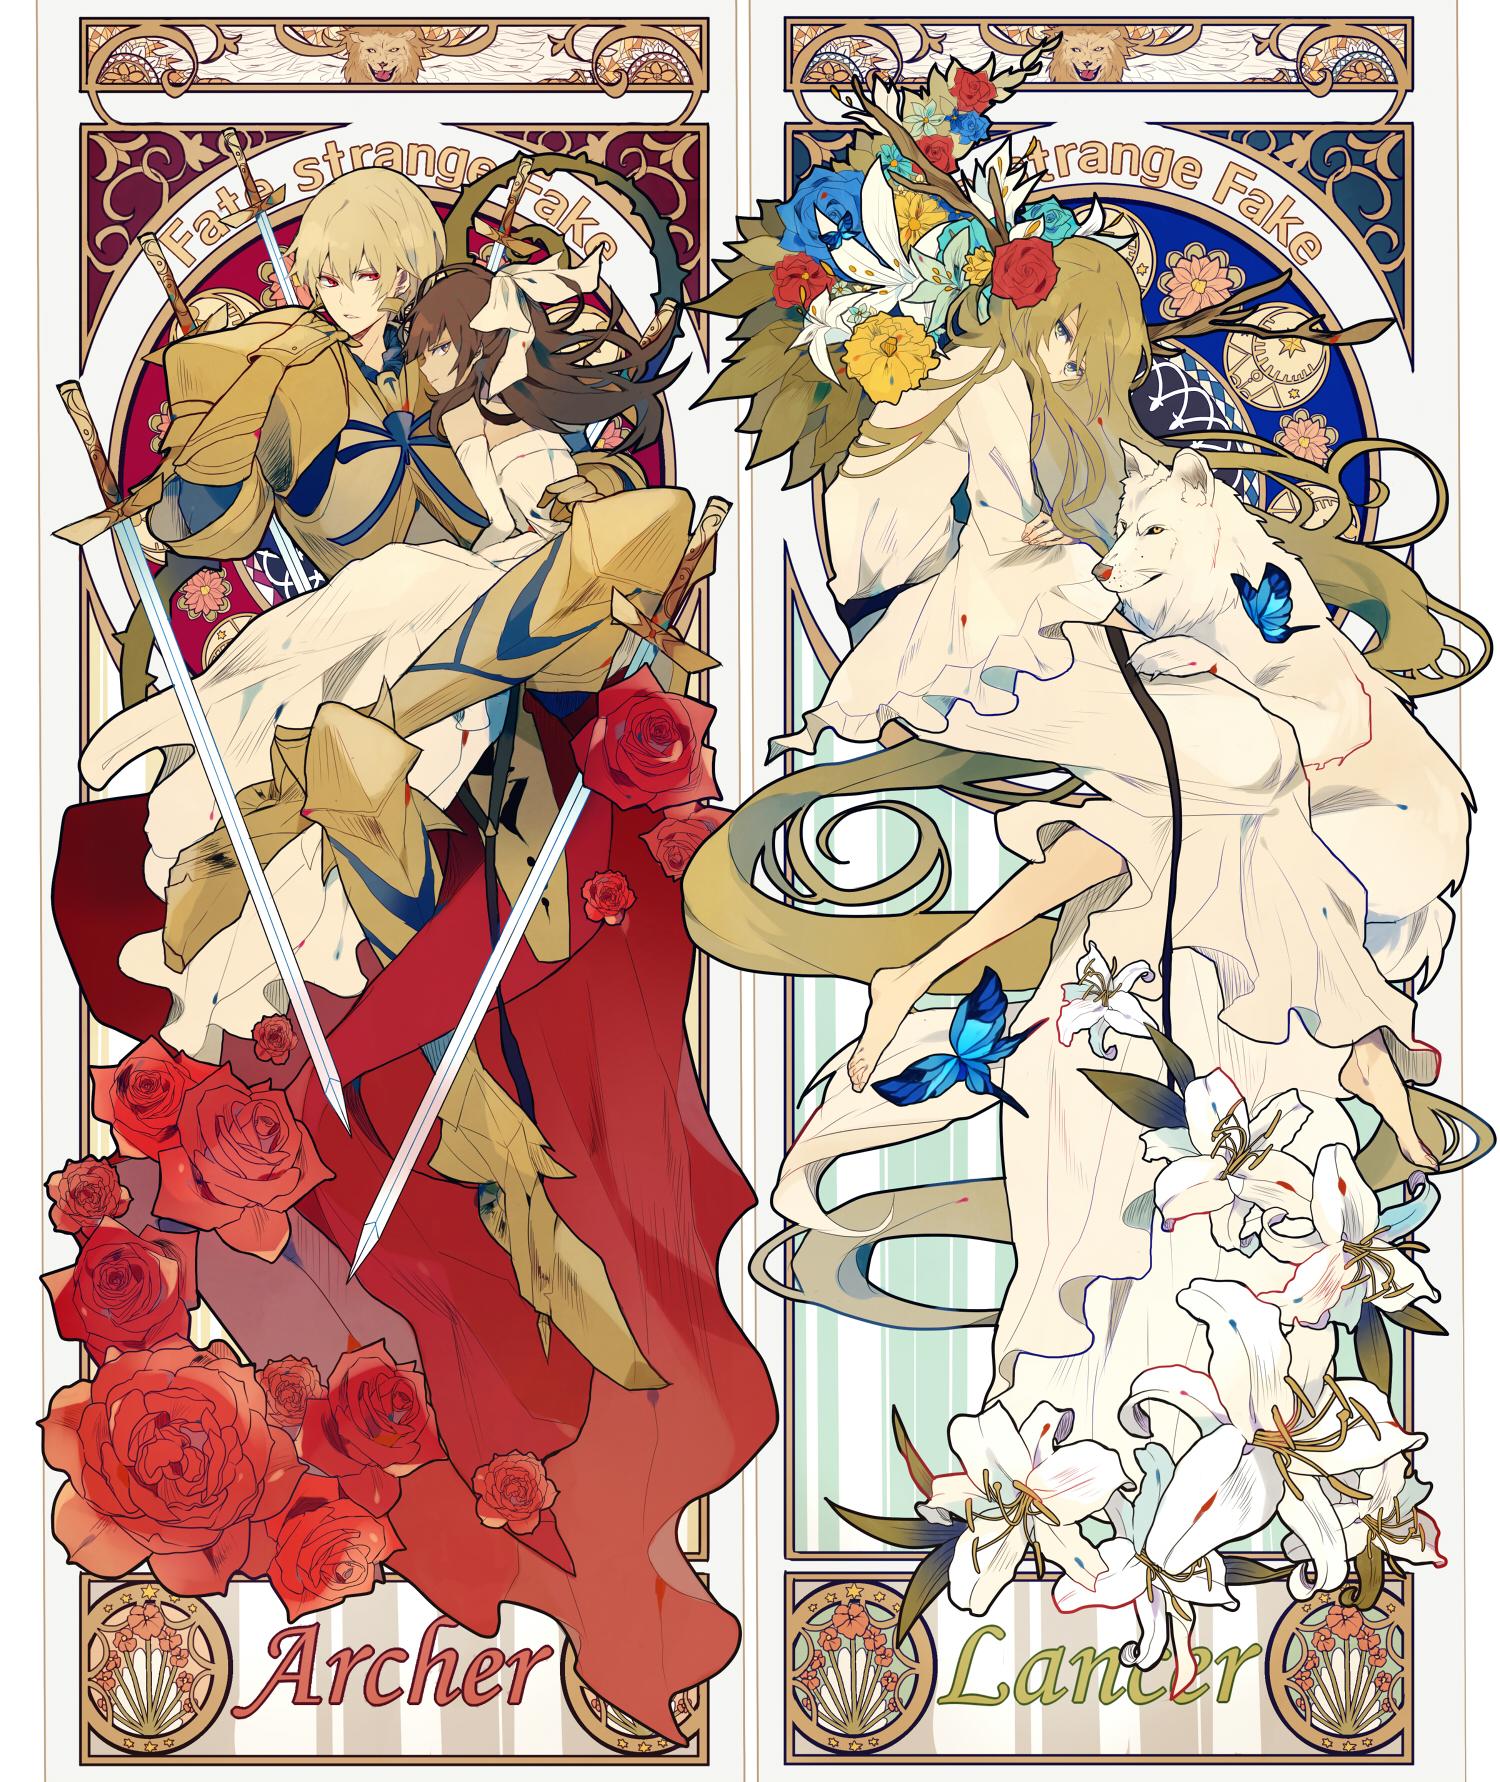 Fatestrange fake image 2117597 zerochan anime image board view fullsize fatestrange fake image gumiabroncs Images